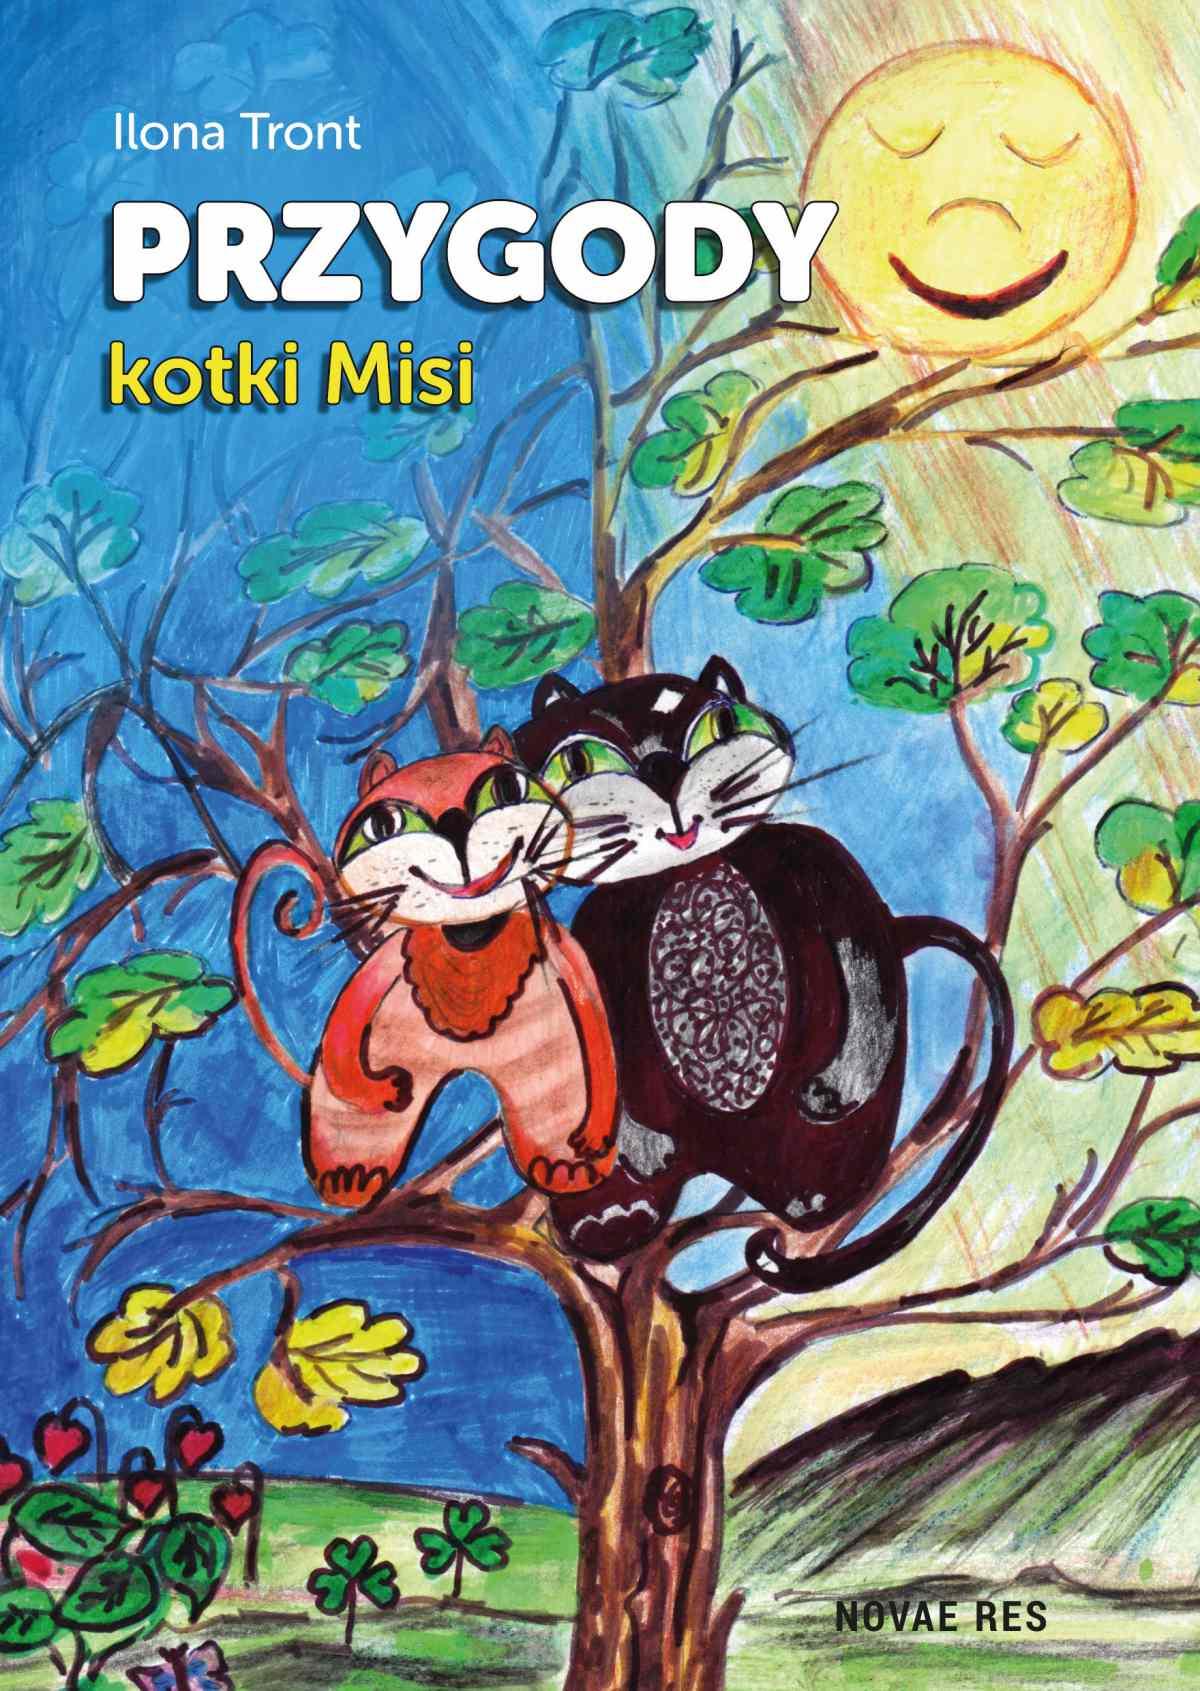 Przygody kotki Misi - Ebook (Książka na Kindle) do pobrania w formacie MOBI